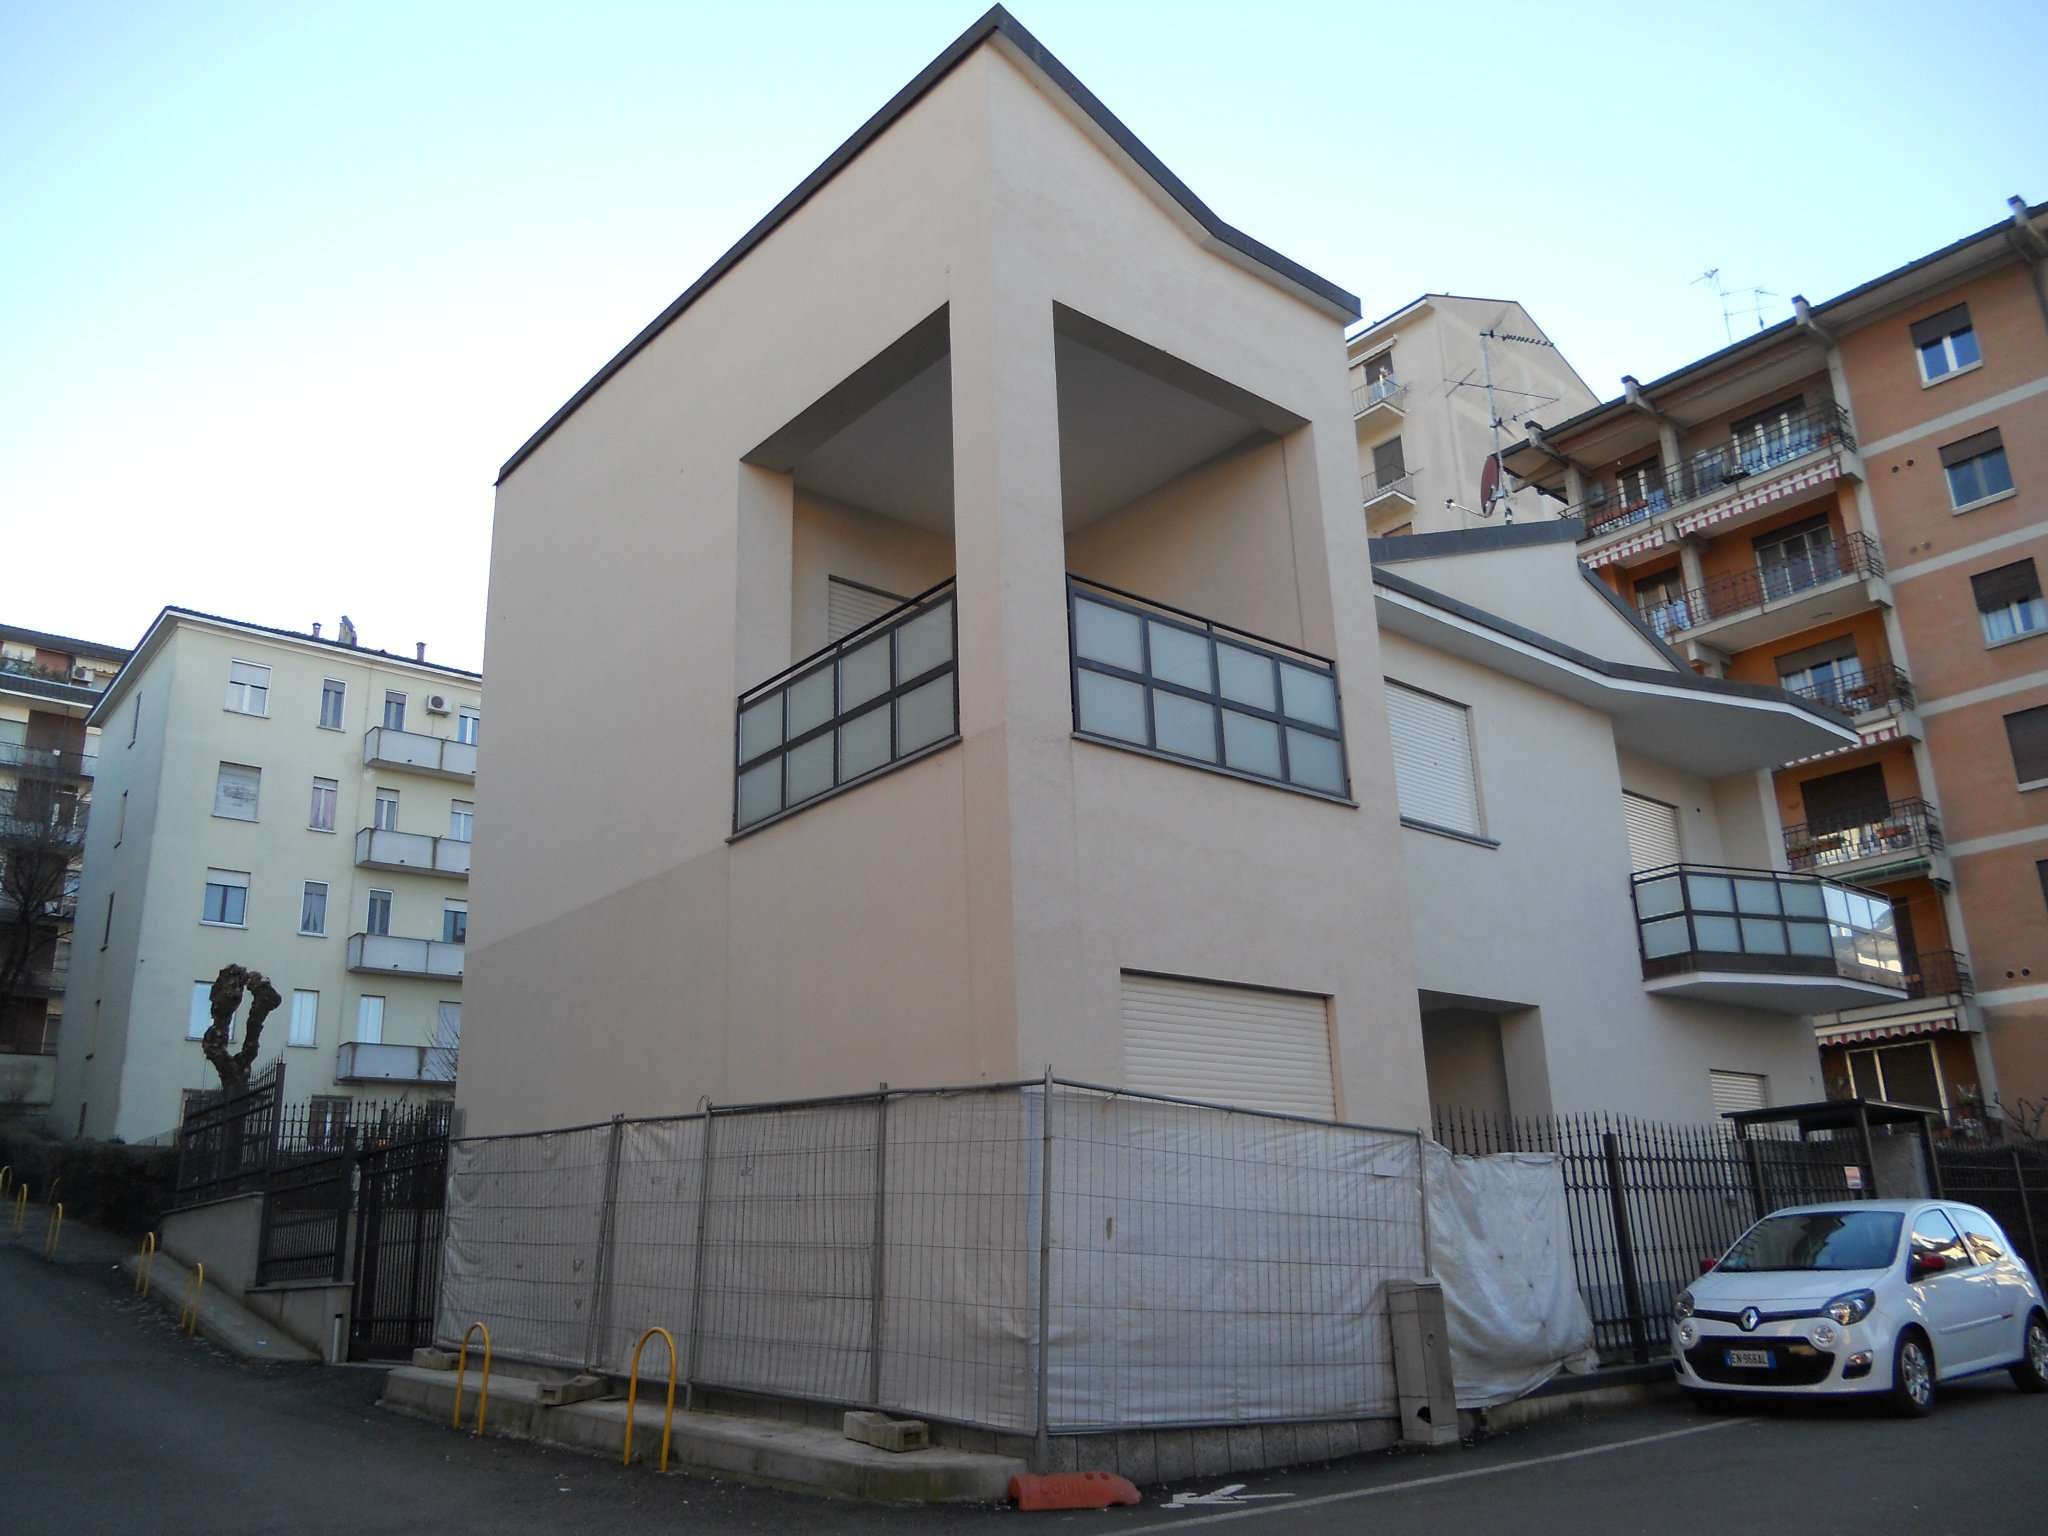 Soluzione Indipendente in vendita a Lodi, 5 locali, prezzo € 900.000 | Cambio Casa.it